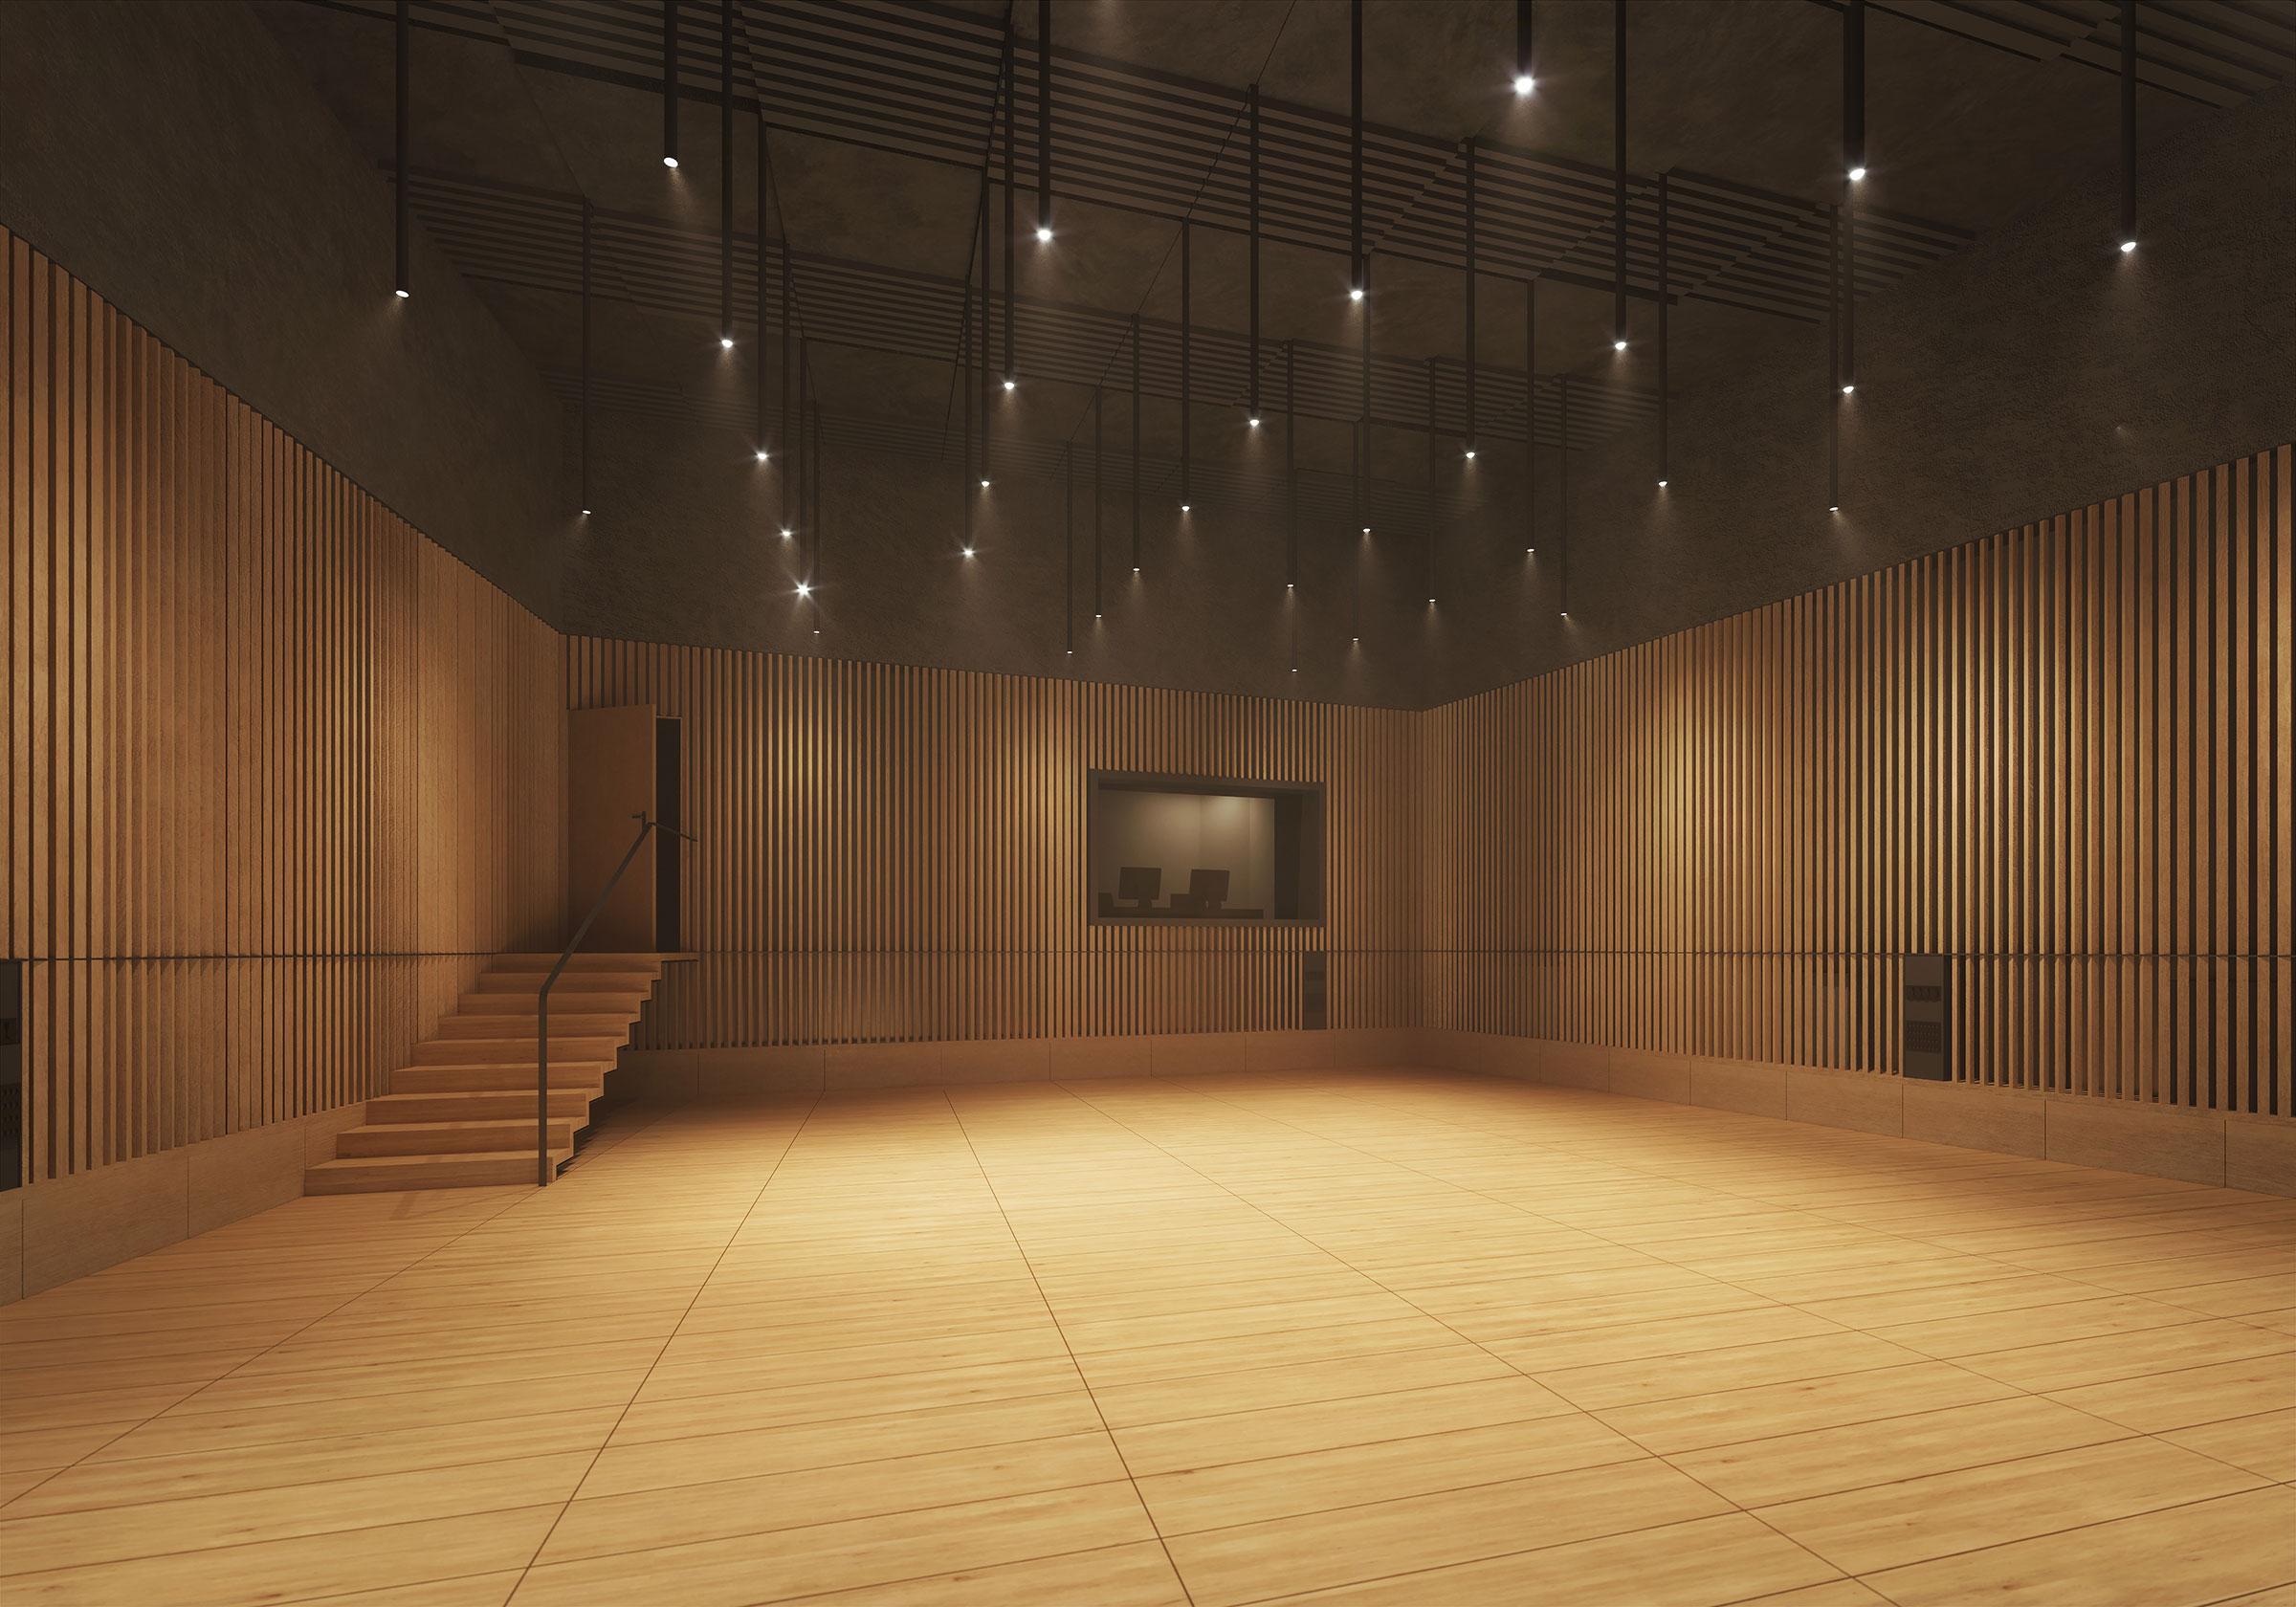 Perspective du studio 118 réalisée par LEMON SARL sur la base de l'avant-projet.<br />Le studio 118 sera consacré à la prise de son de petites formations classiques.<br />Ces trois studios s'inscrivent dans le projet « Studio Radio France », dont l'objectif est de rendre visibles les Studios de Création pour accroître la notoriété de Radio France.<br />© BUZZO SPINELLI ARCHITECTURE / WSP / RADIO FRANCE